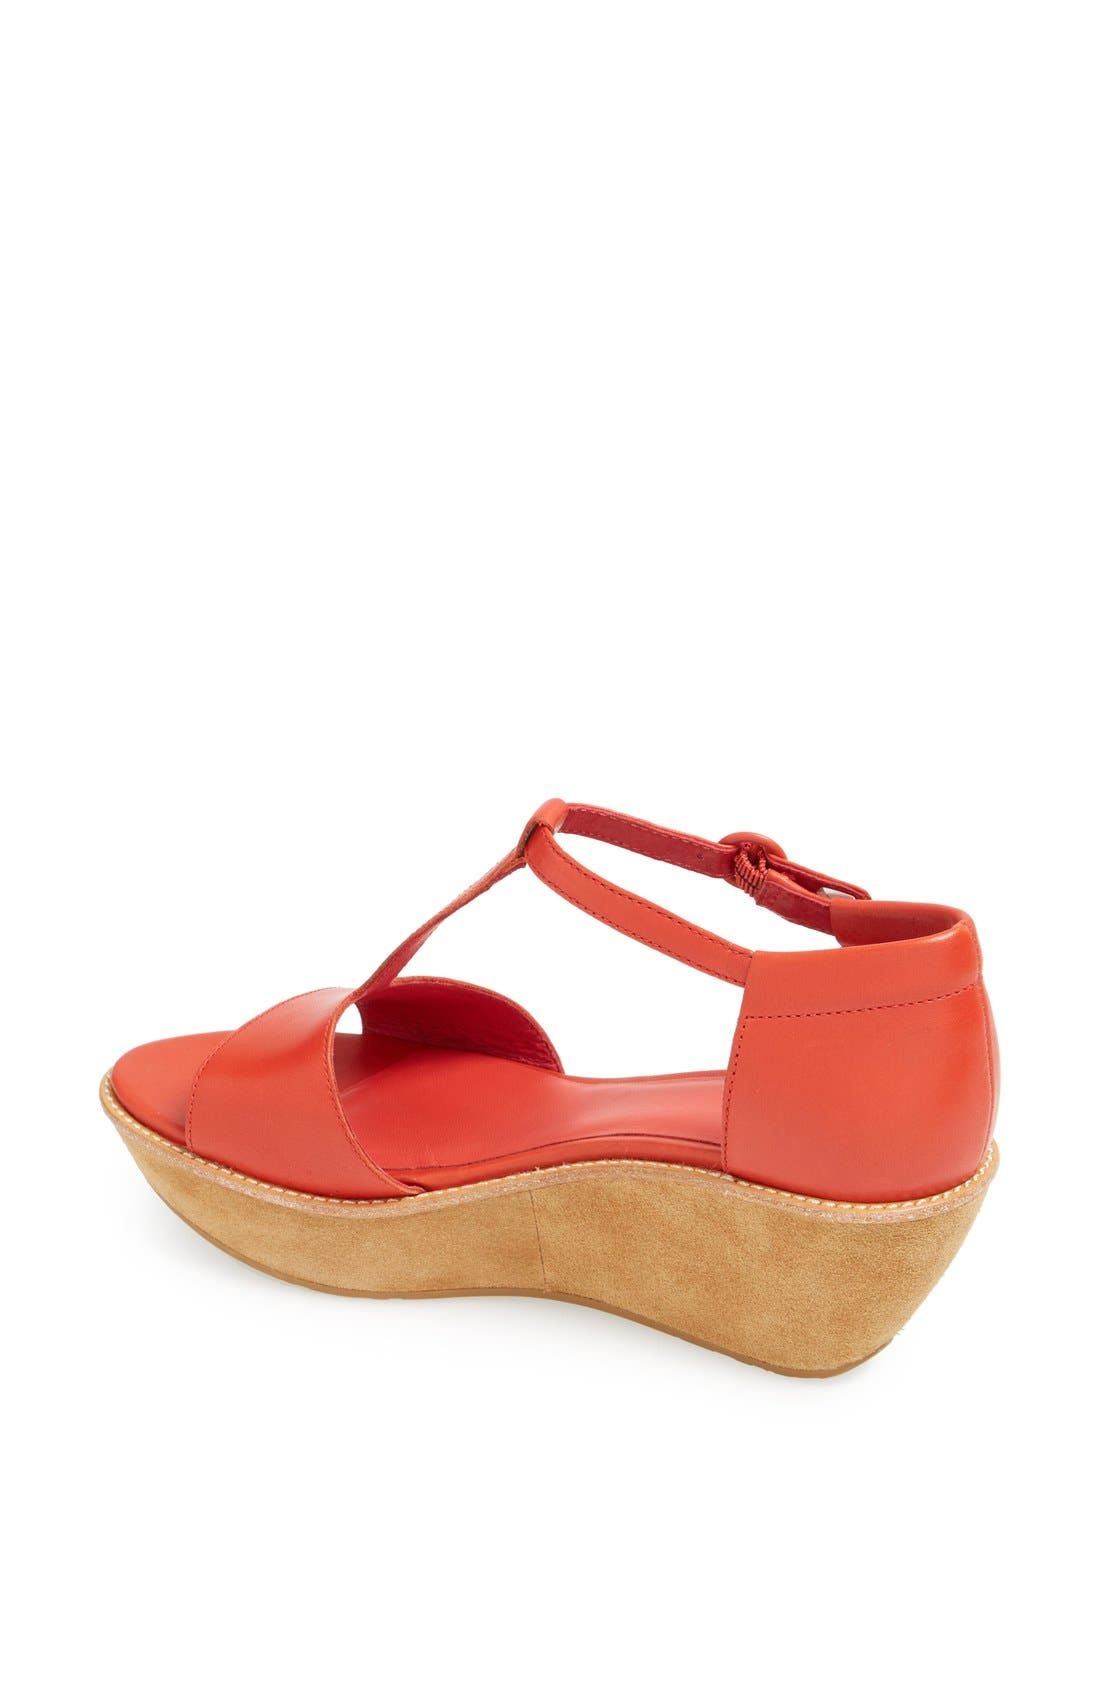 Alternate Image 2  - Camper 'Damas' T-Strap Wedge Sandal